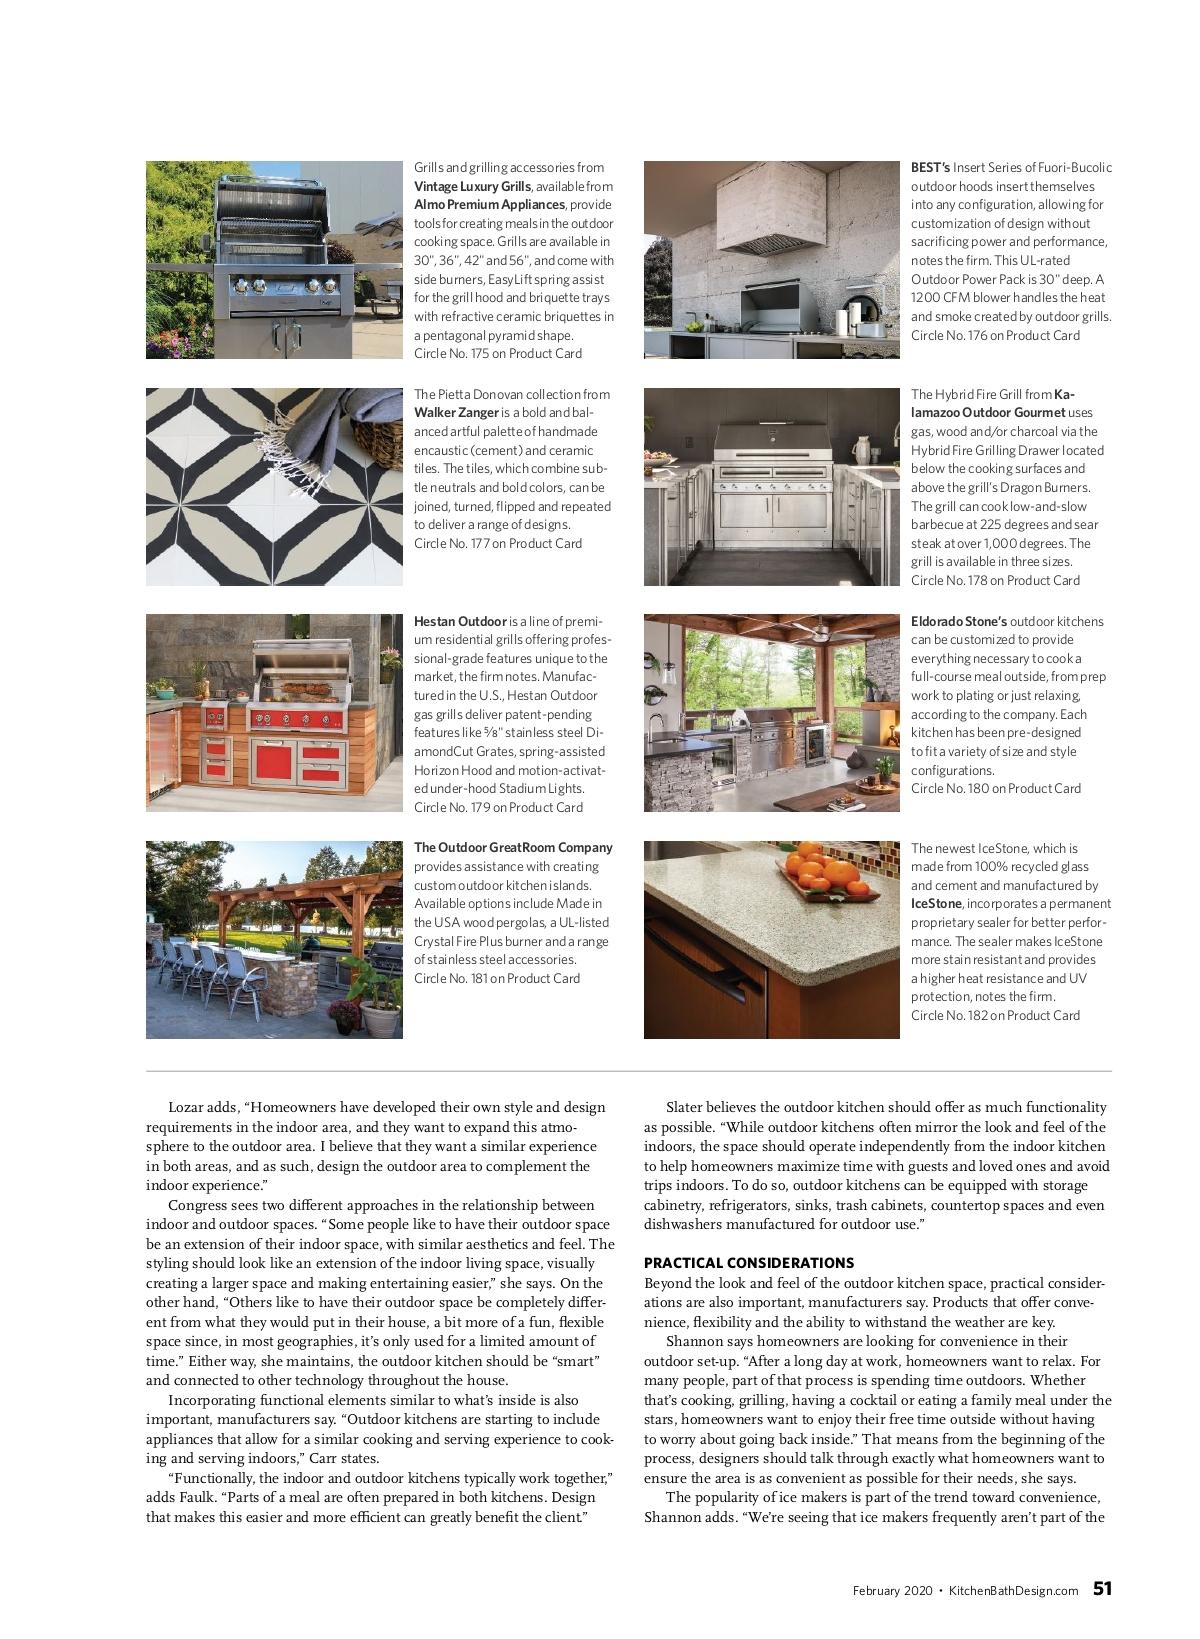 Kitchen Bath Design News February 2020